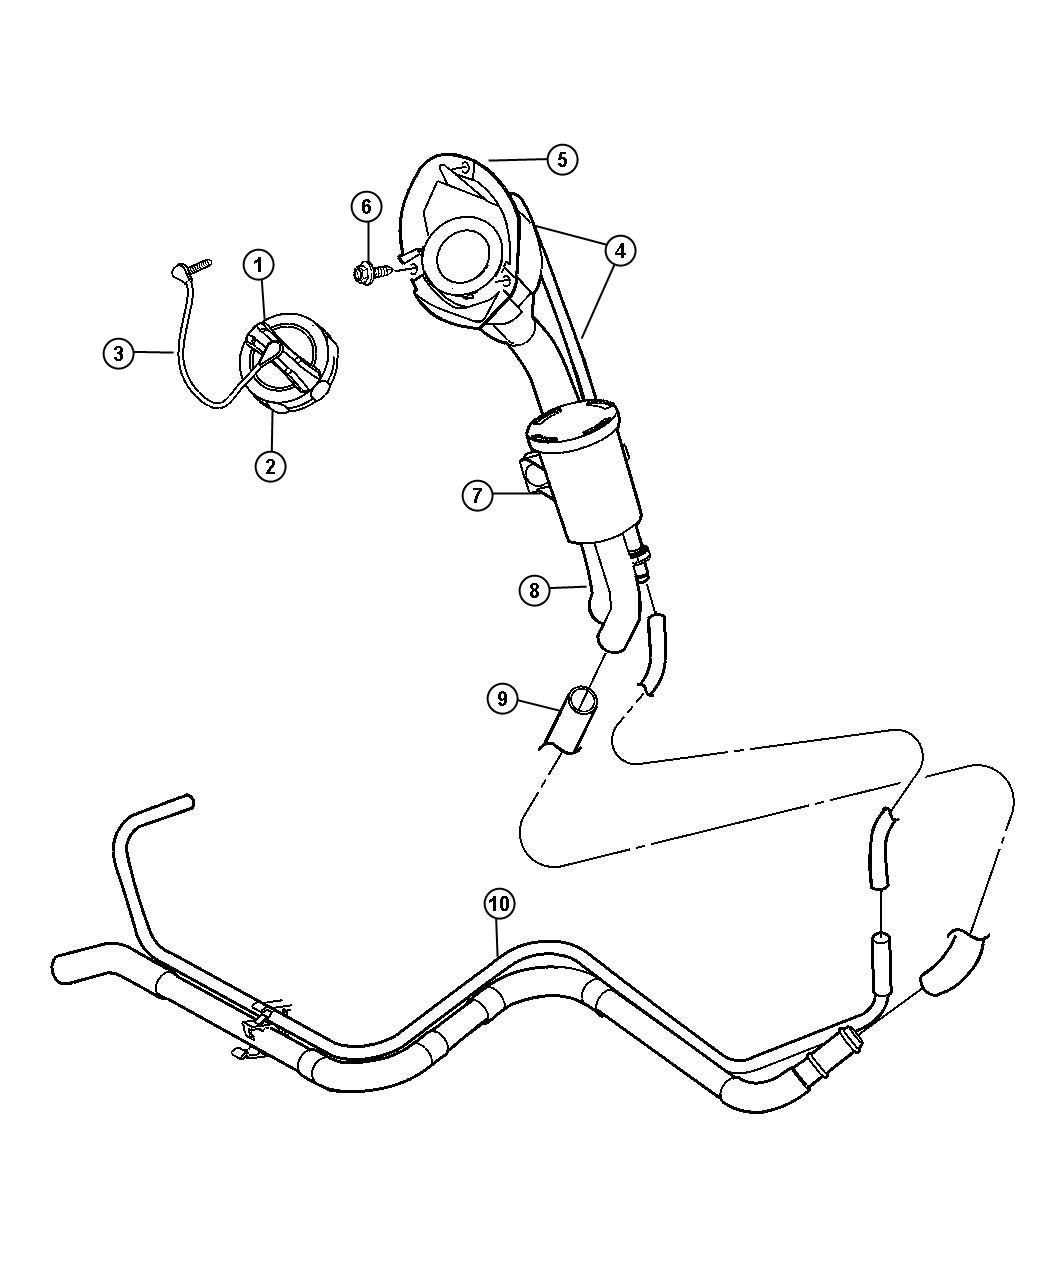 Jeep Liberty Filter. Fuel vapor vent, leak detection pump